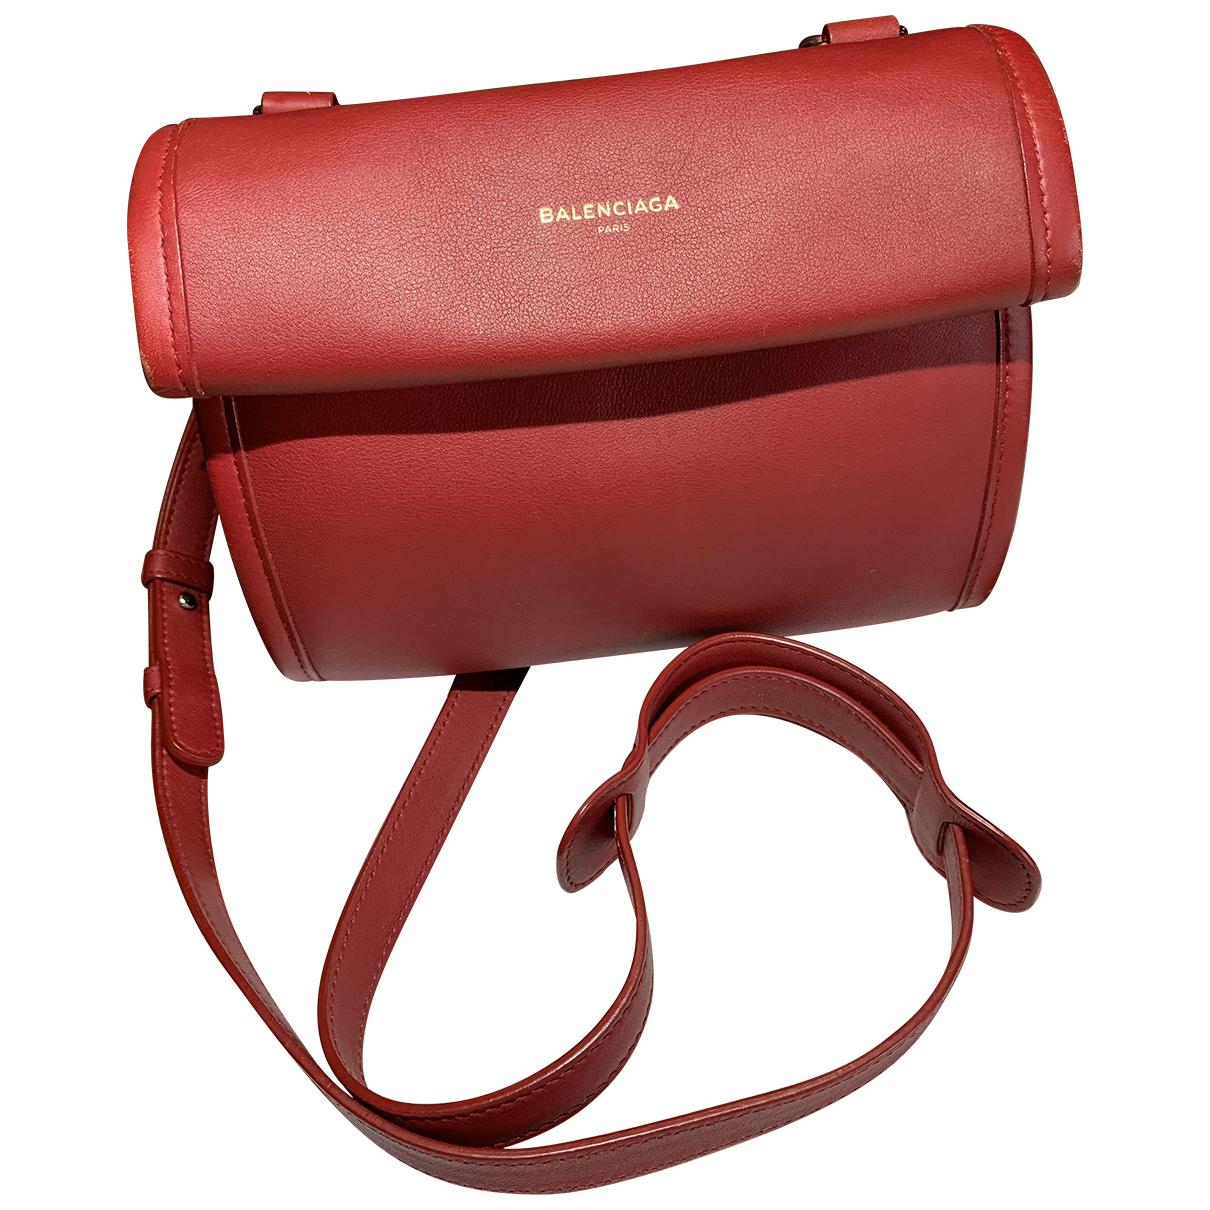 Balenciaga - Sac a main Tool Satchel pour femme en cuir - rouge